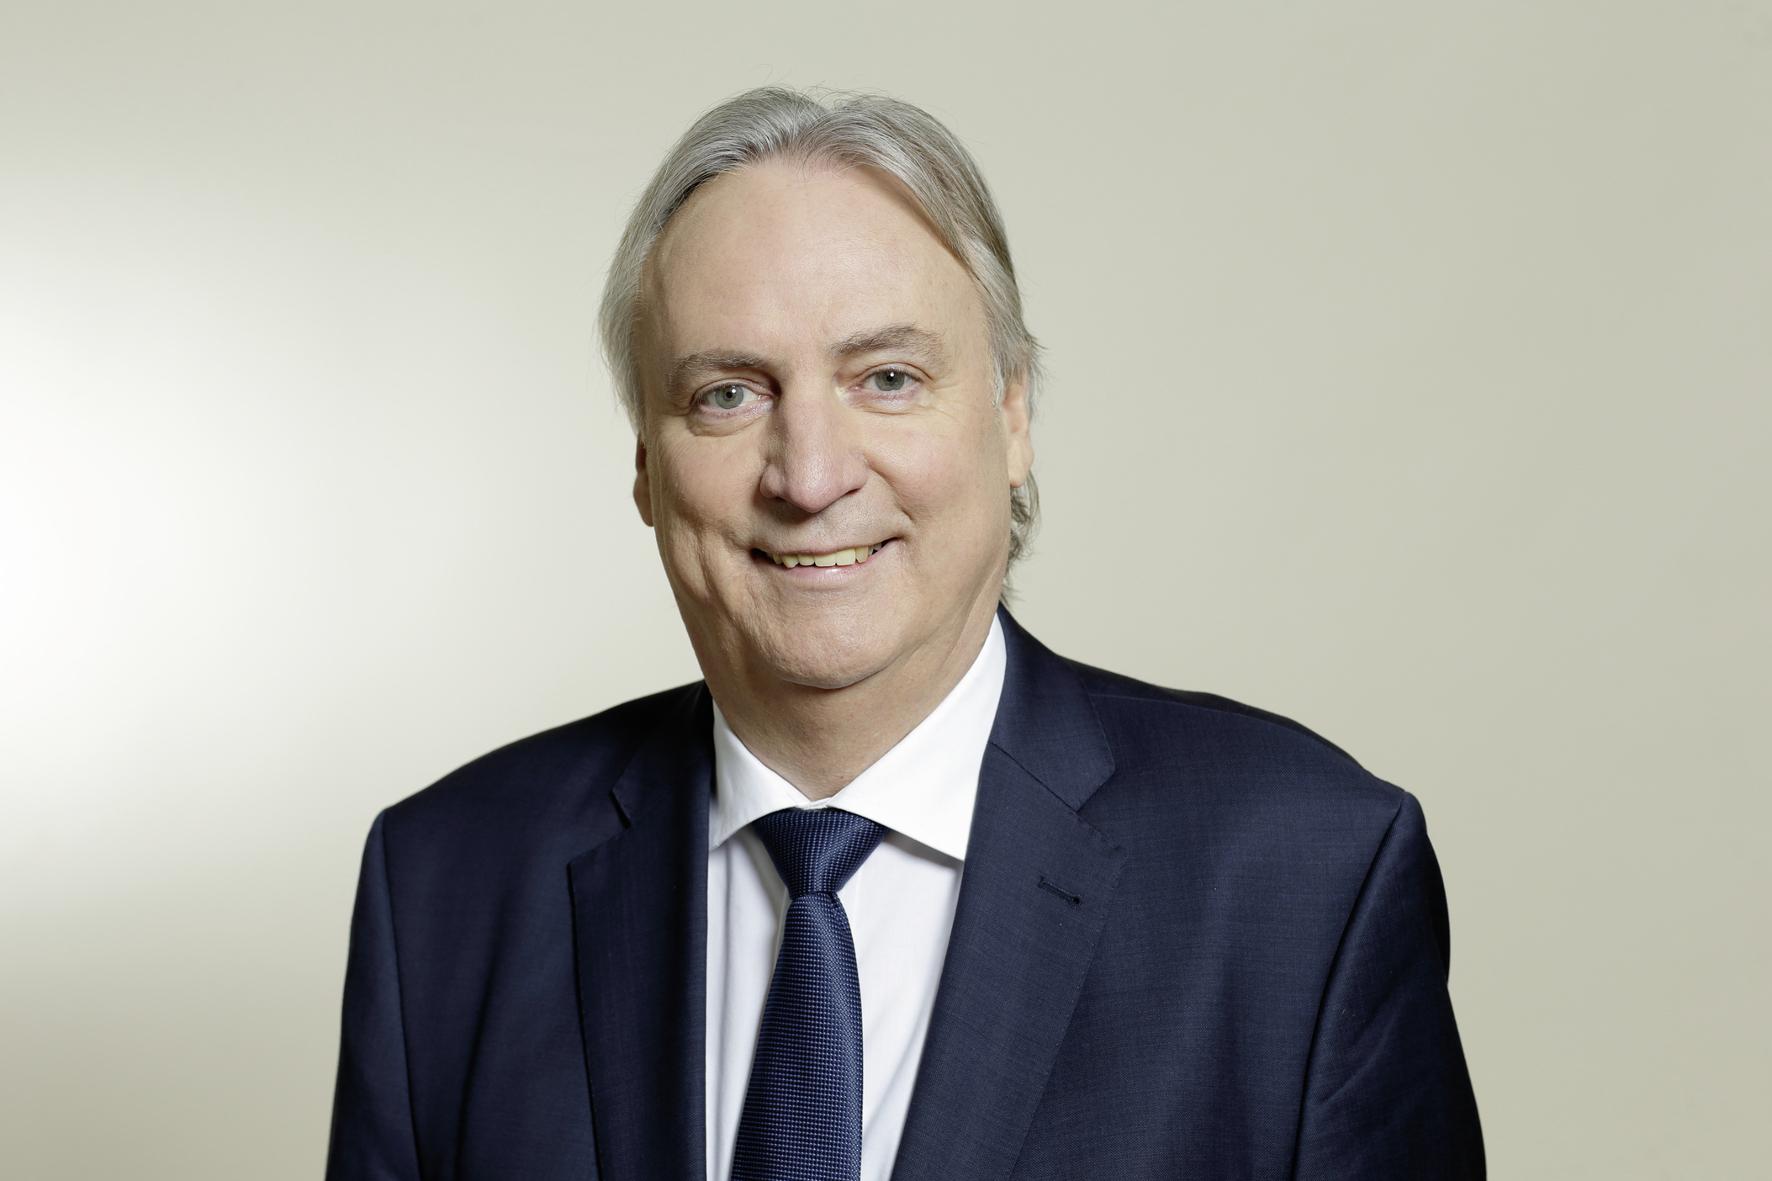 mid Groß-Gerau - Der ehemalige Schaeffler-Vorstand Peter Gutzmer gilt als Vordenker in Sachen Elektromobilität. Schaeffler